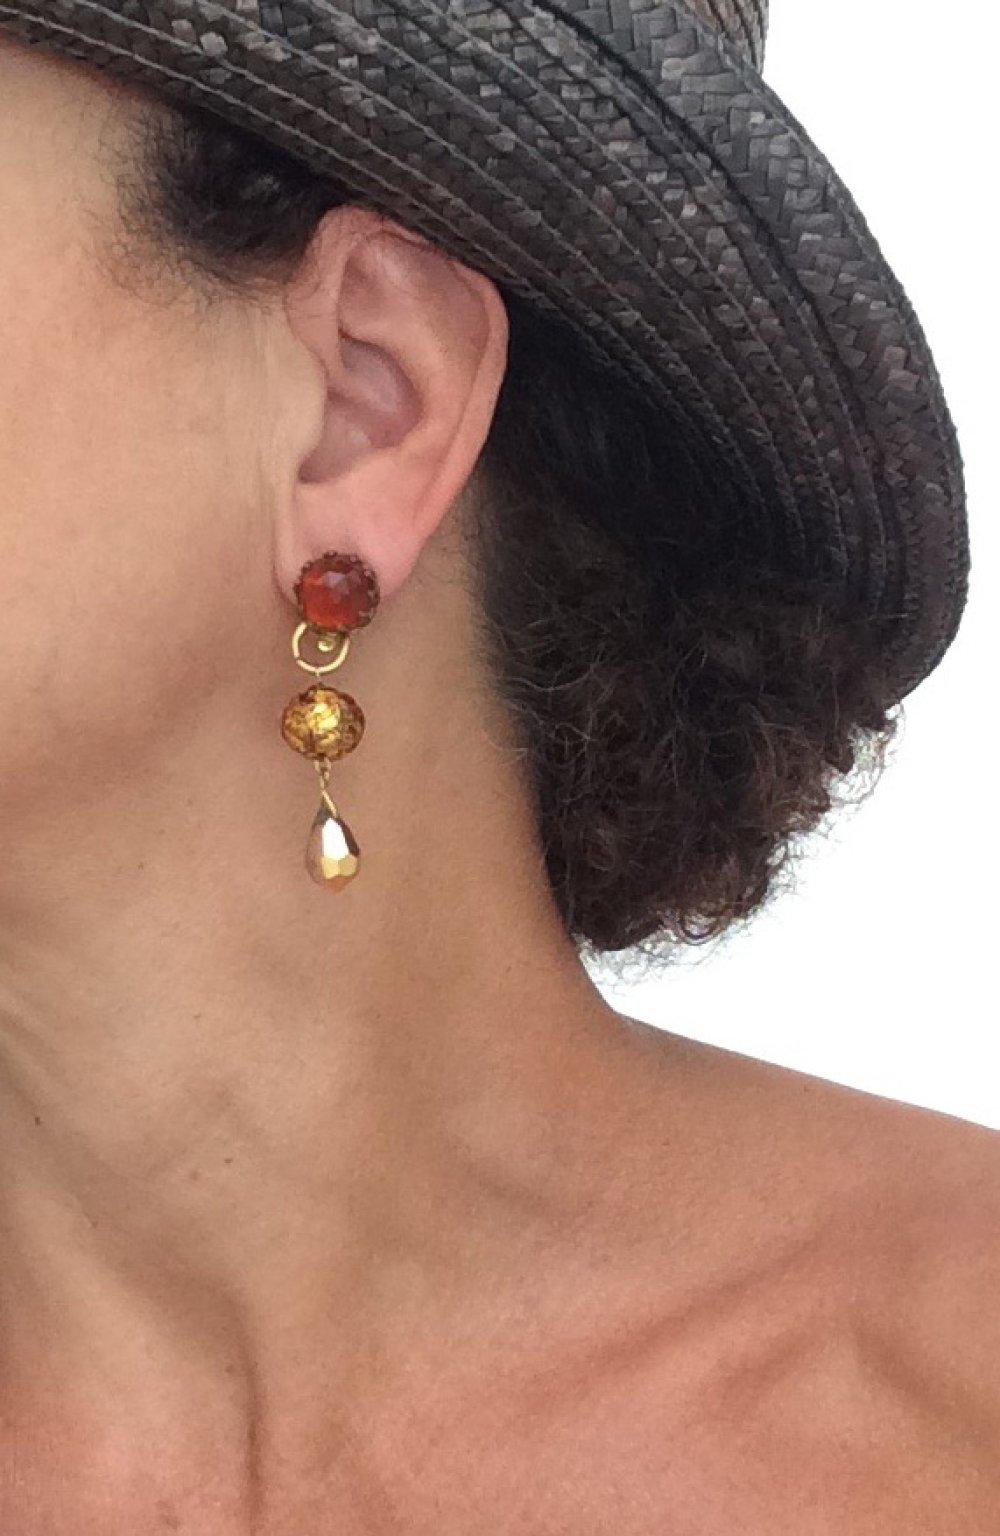 CLIPS Boucle d'oreille Clip Ambre & Doré Cristal de Bohême Cristal Bijoux créateur Création Française Fait main